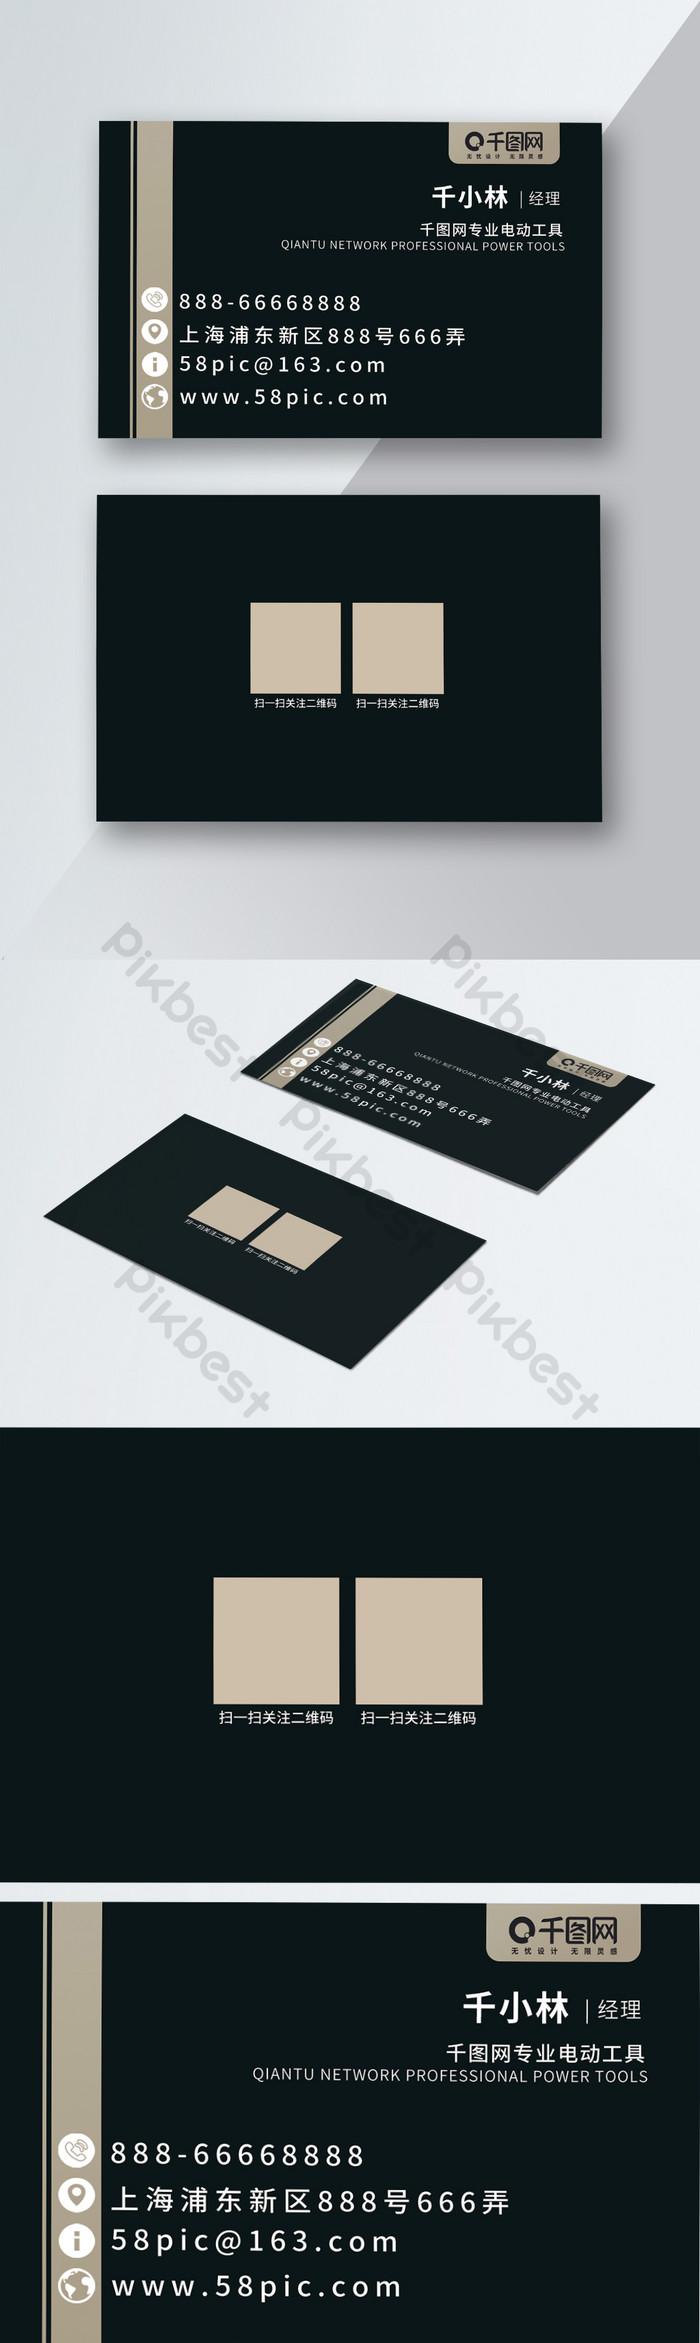 Welding Business Card Psd Free